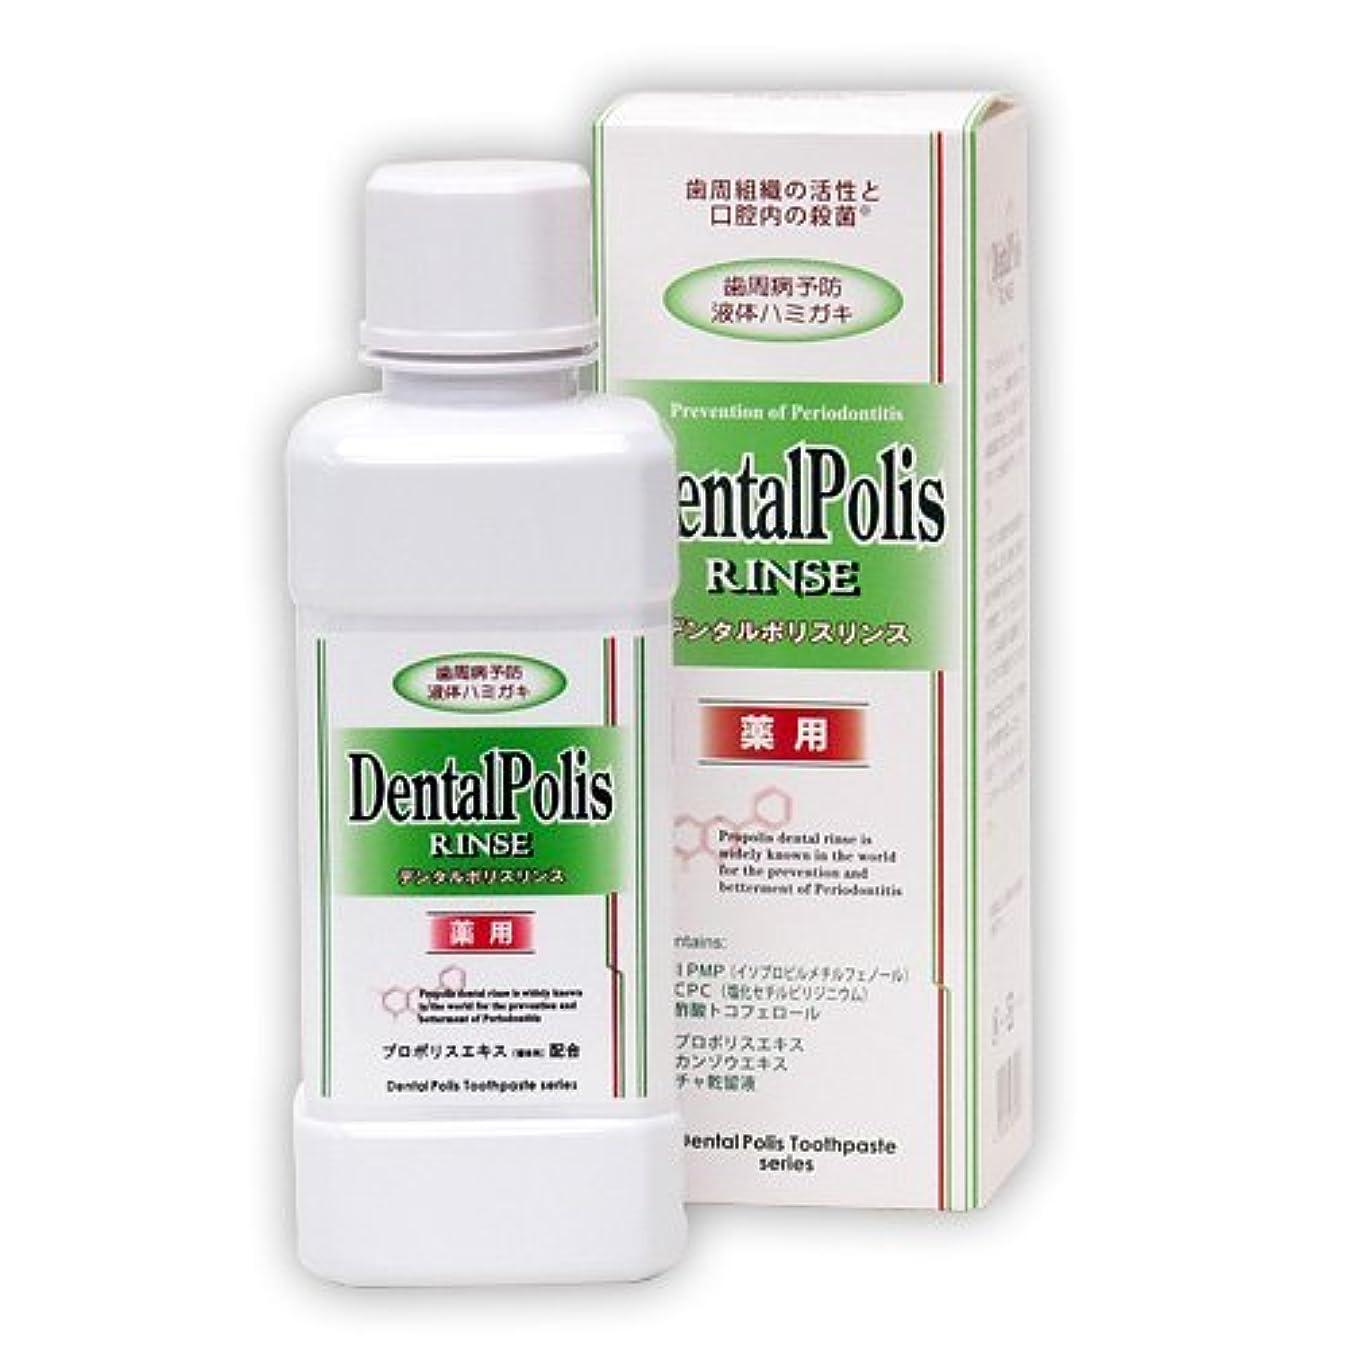 にほんしぜんりょうほう 日本自然療法 デンタルポリスリンス300ml単品113